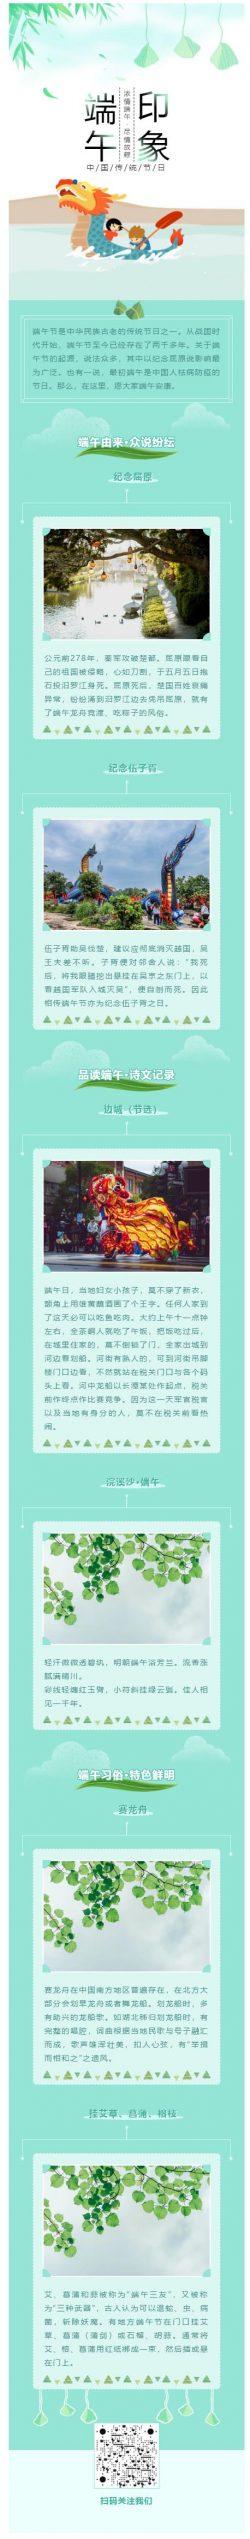 端午节中华民族传统节日之一龙舟粽子微信图文模板推送推文素材